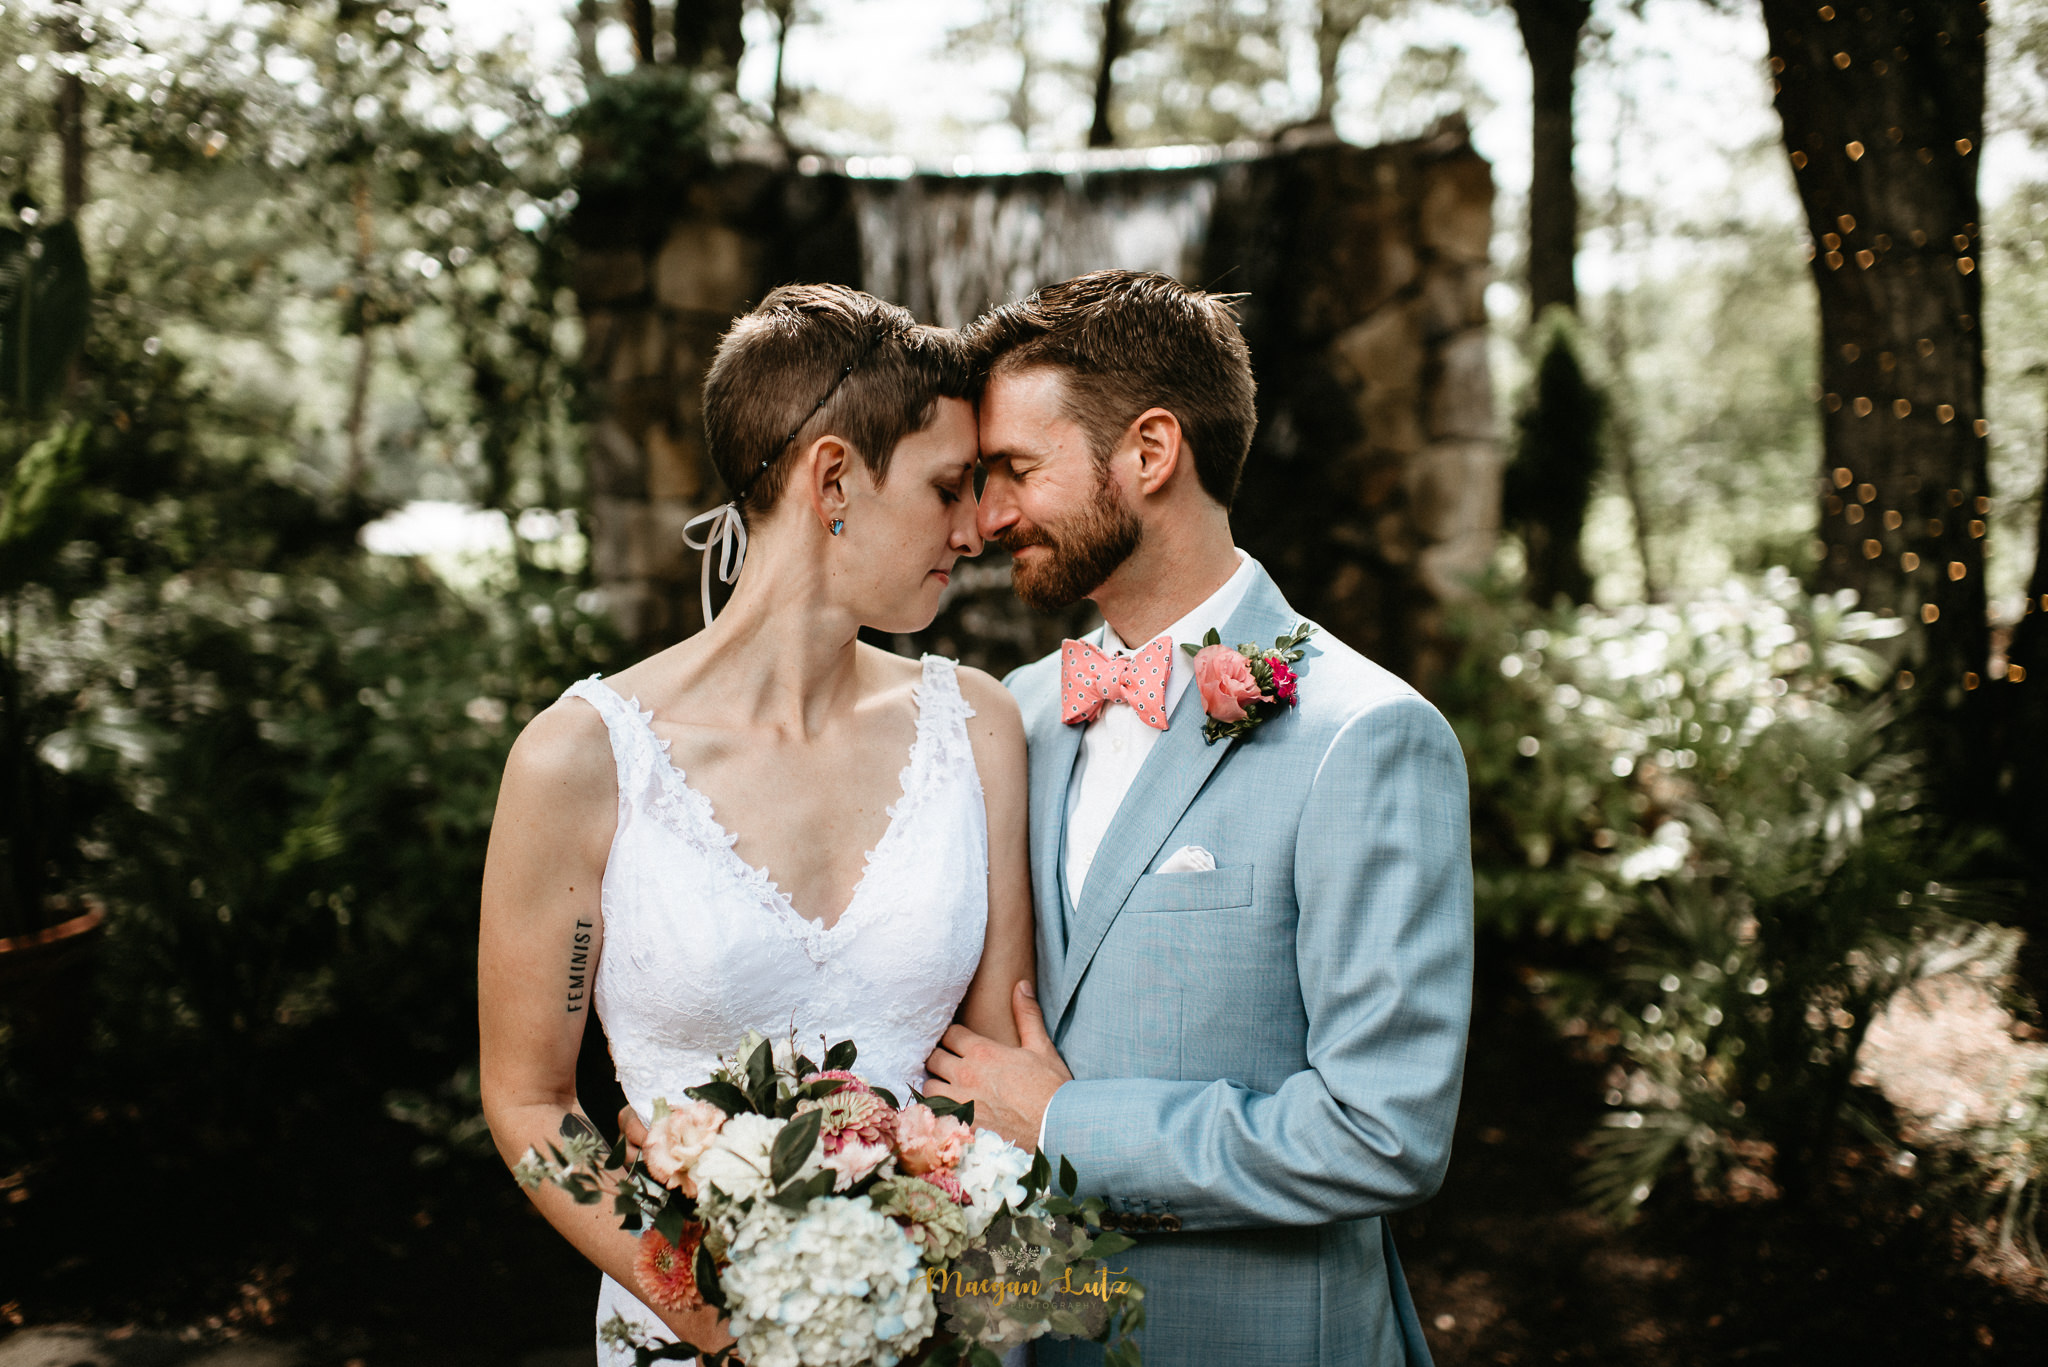 Mr. & Mrs. Wilkins -